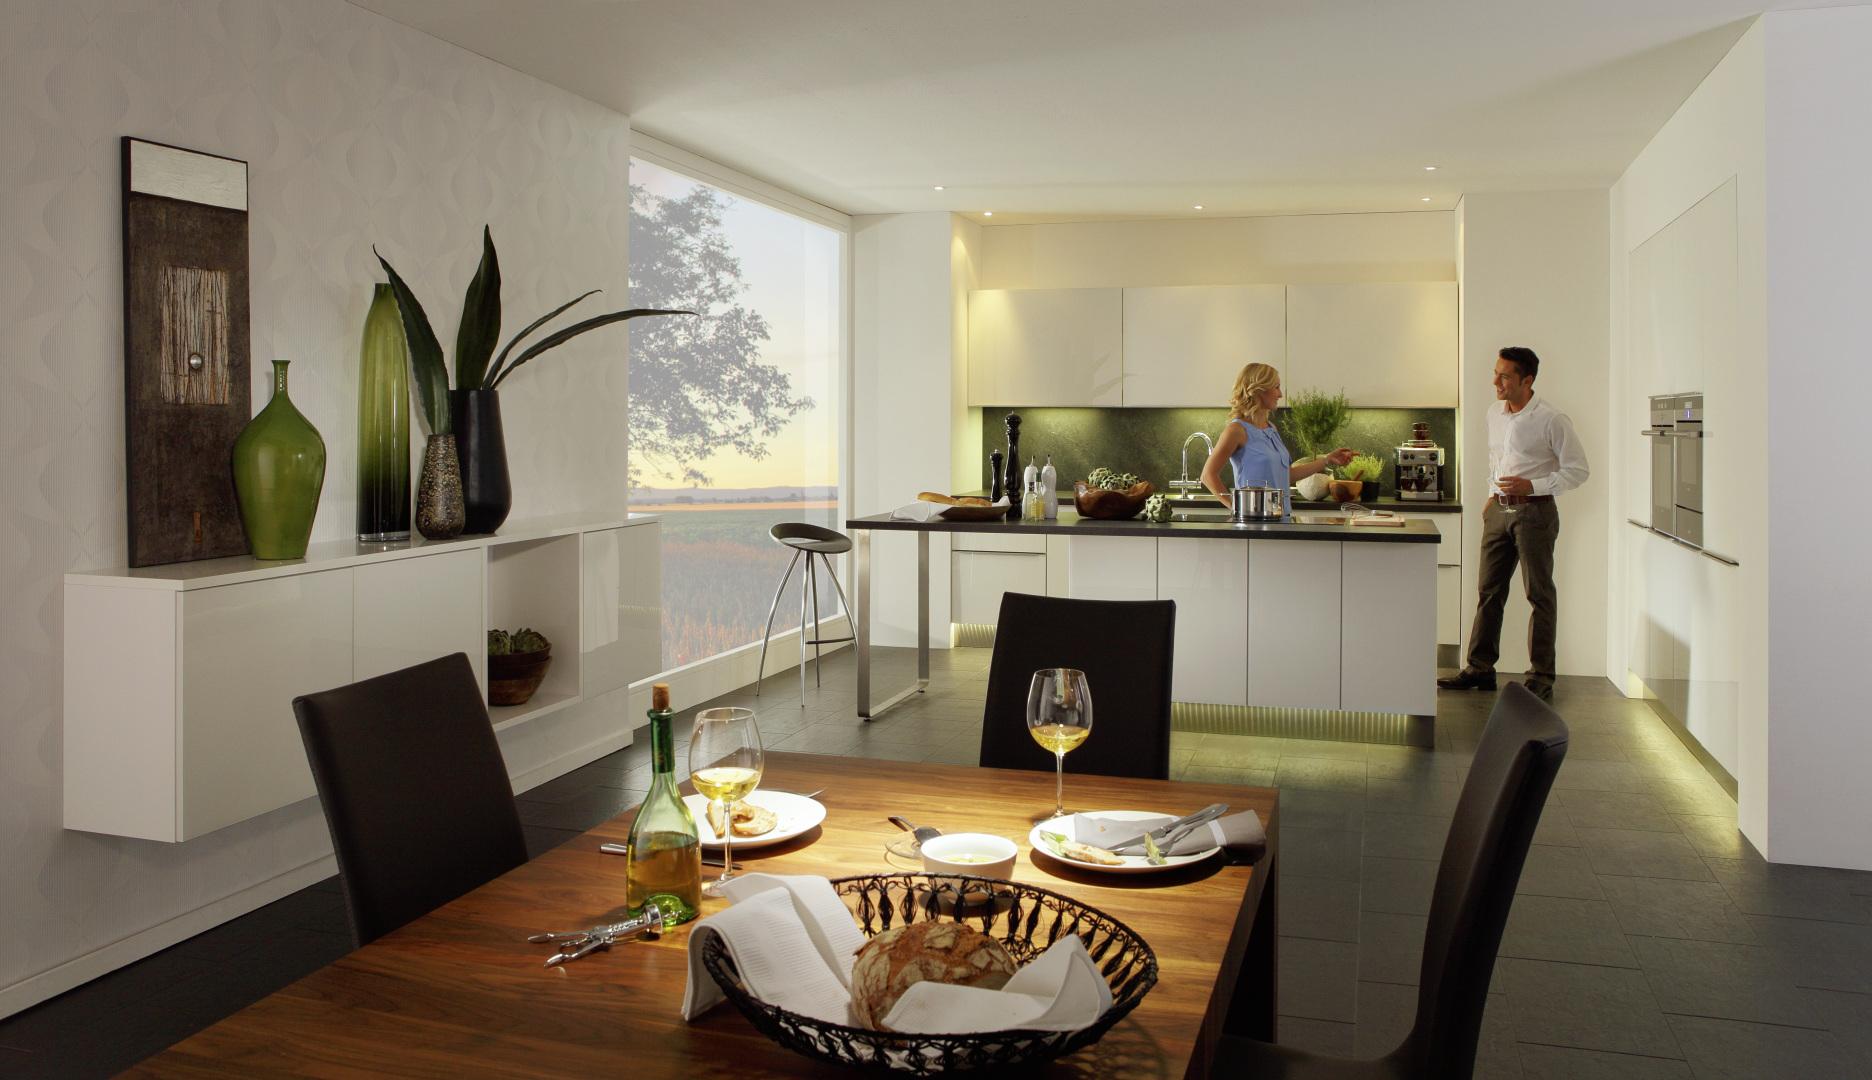 biała kuchnia ze szklanymi frontami nolte kuchen glas tec plus kuchnia połączona z salonem